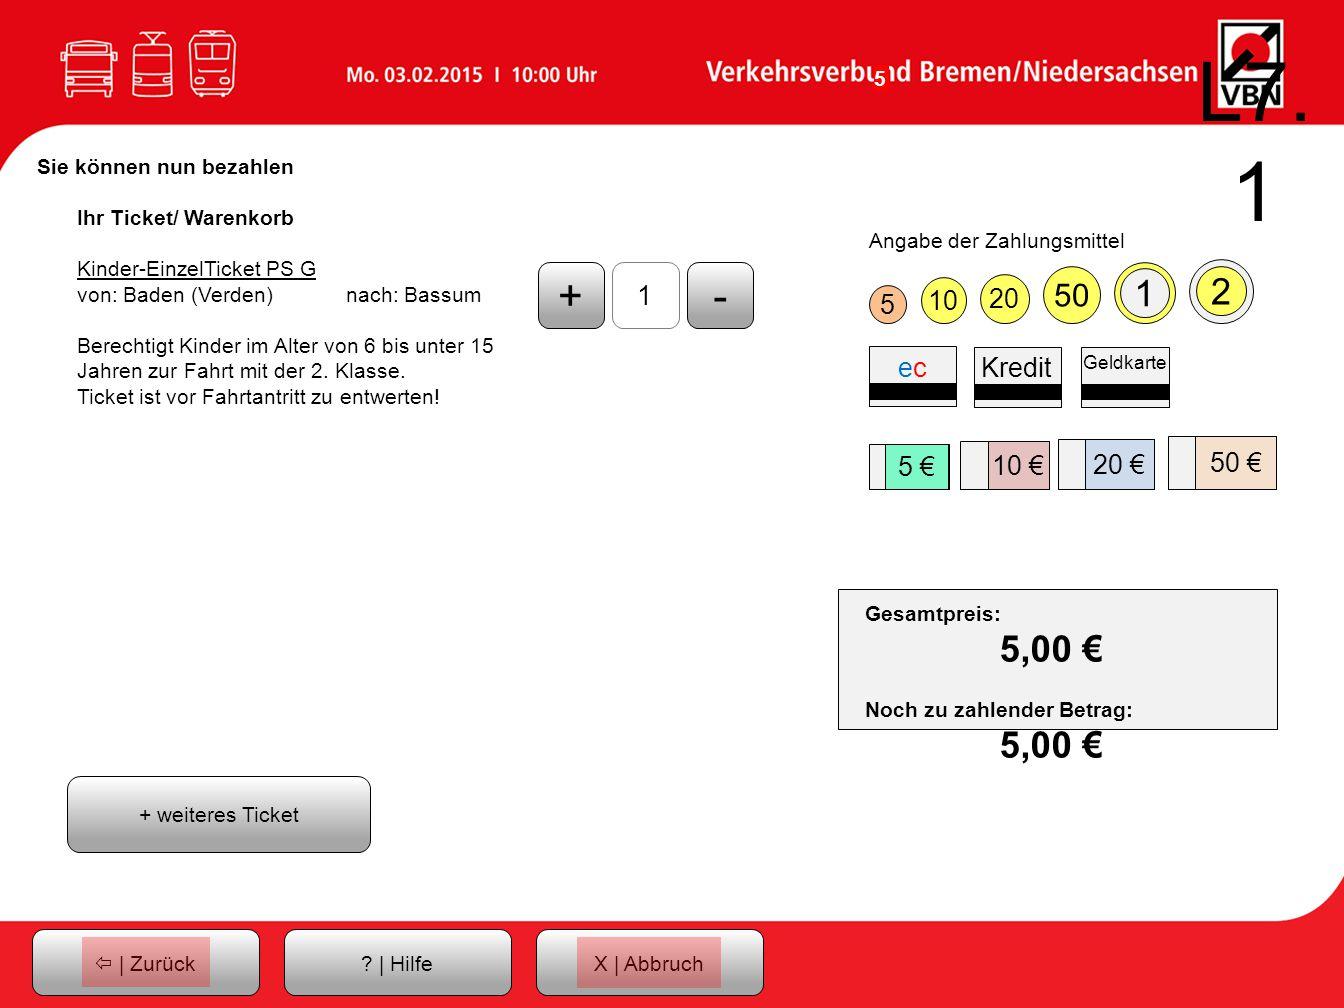 L7.1 Sie können nun bezahlen. Ihr Ticket/ Warenkorb. Kinder-EinzelTicket PS G. von: Baden (Verden) nach: Bassum.